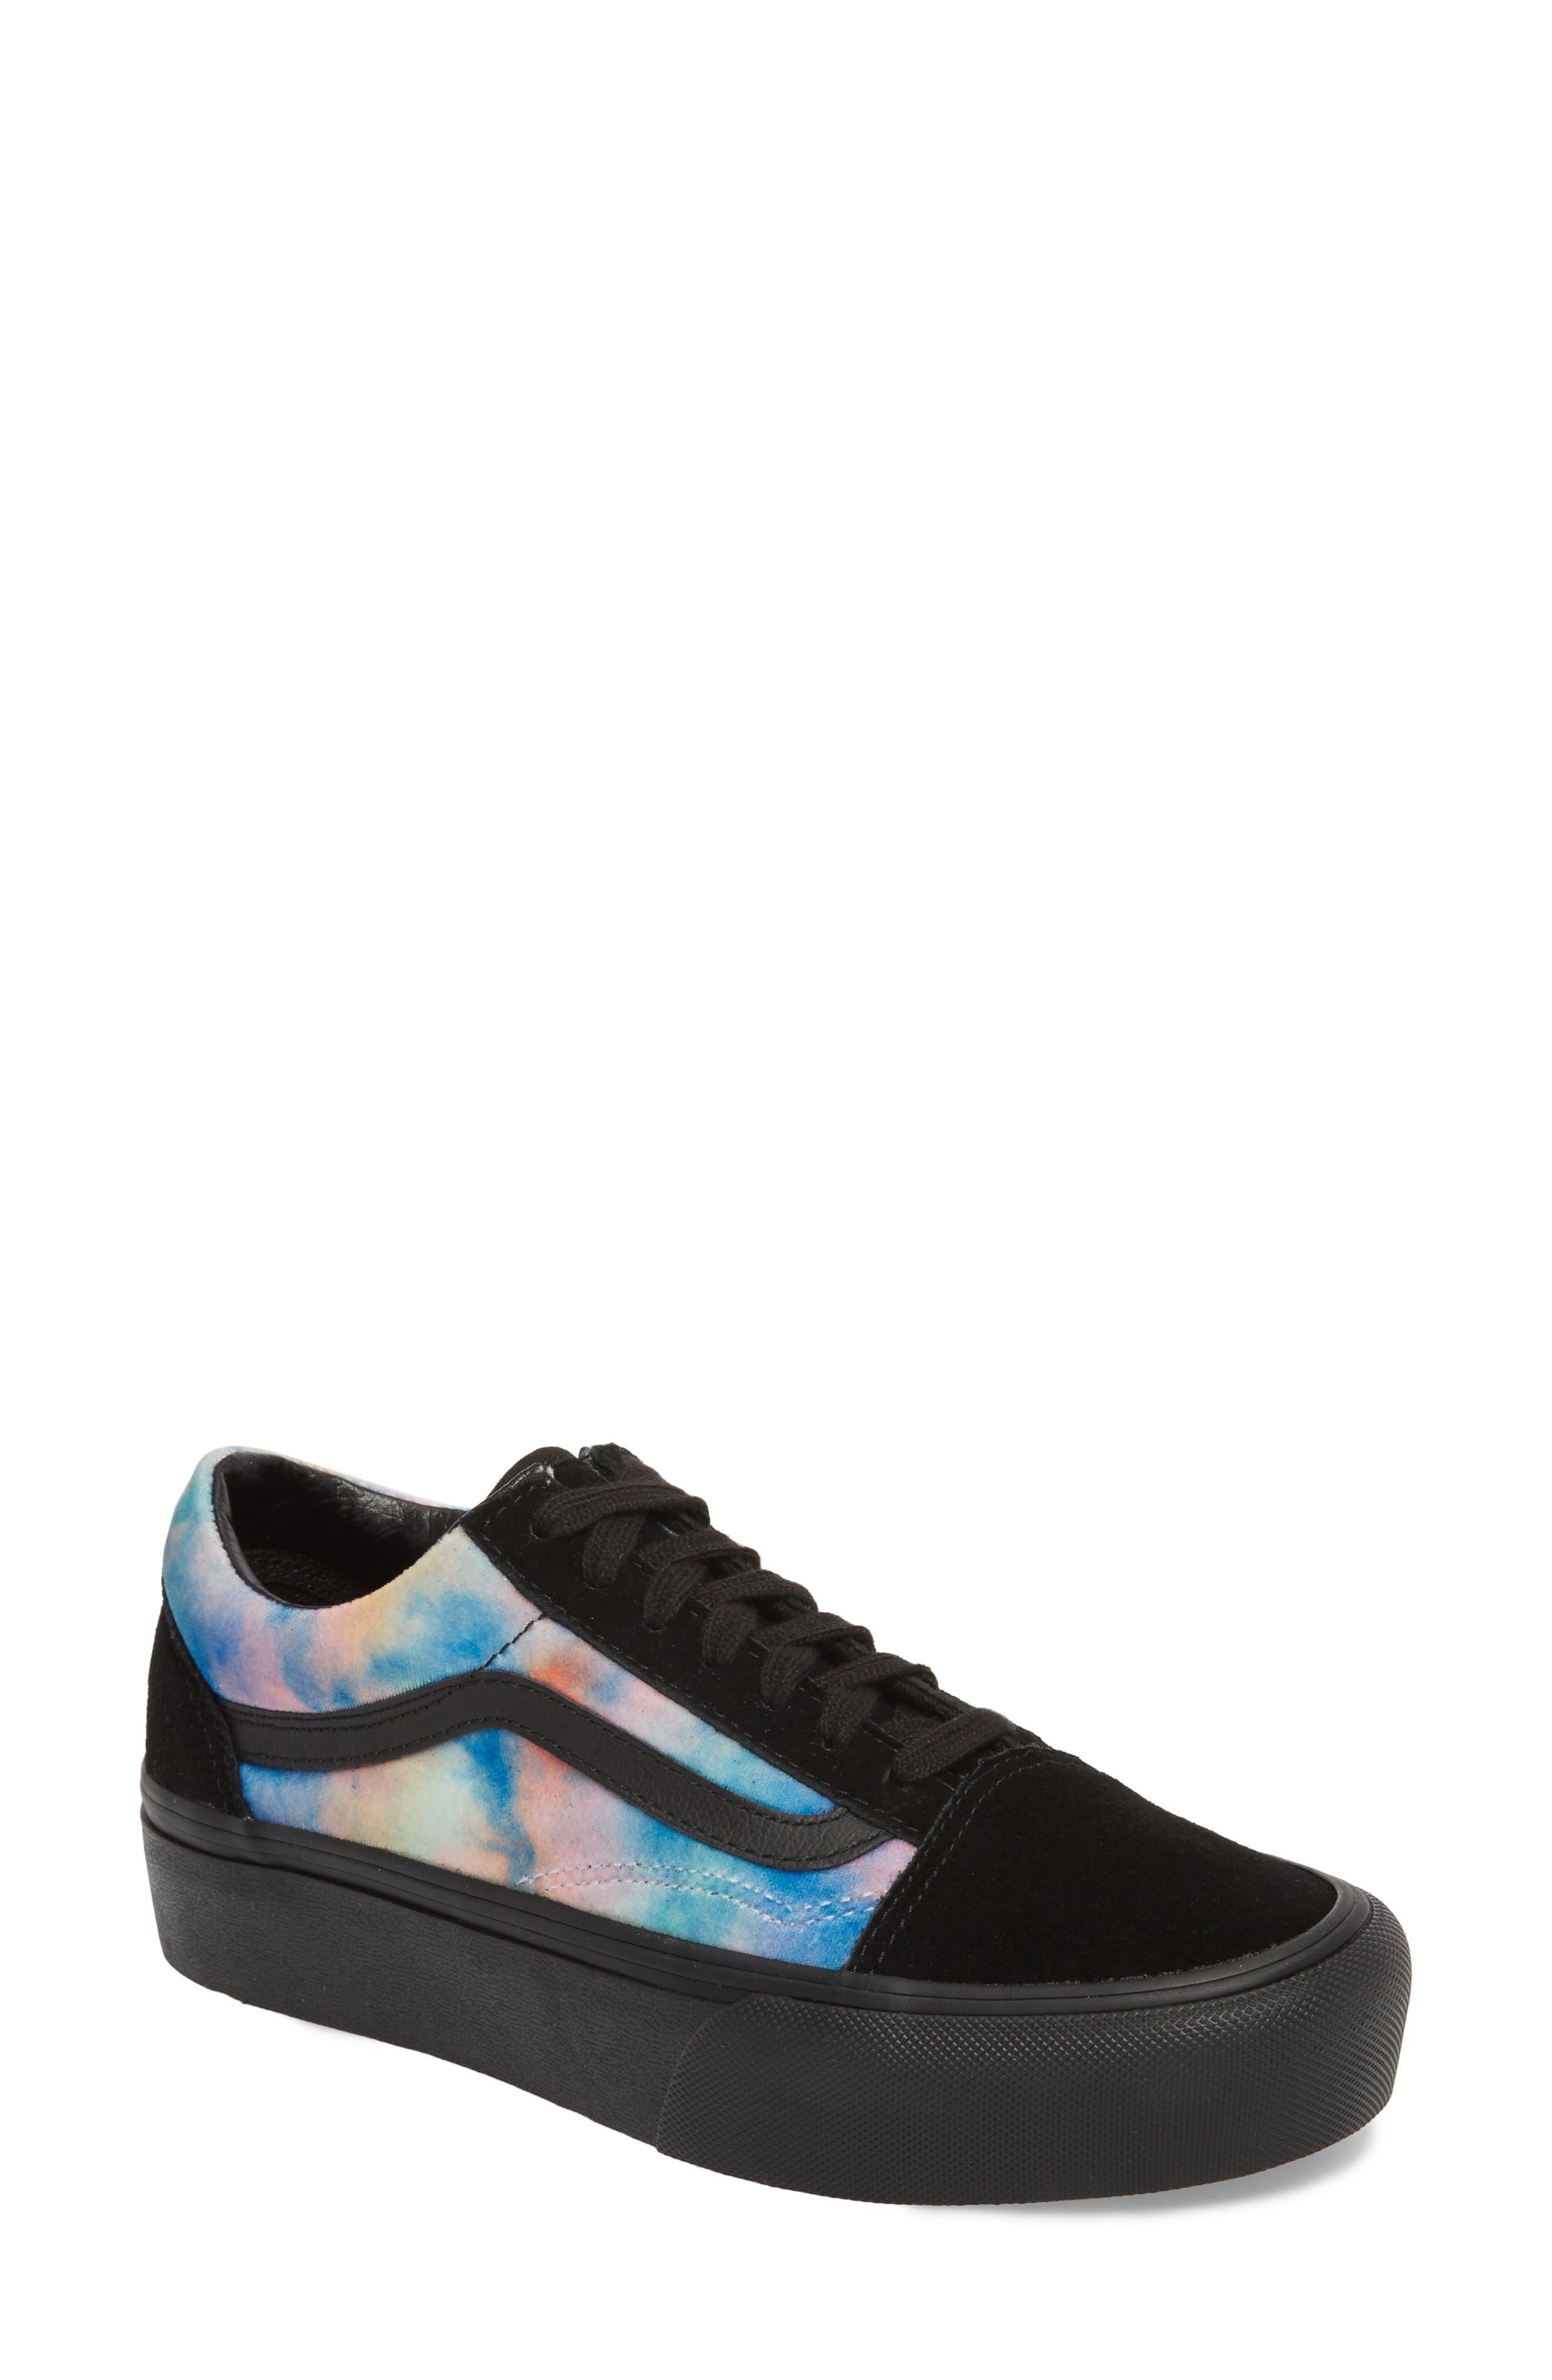 Old Skool Platform Sneaker,                             Main thumbnail 1, color,                             Velvet Tie-Dye Multi/ Black